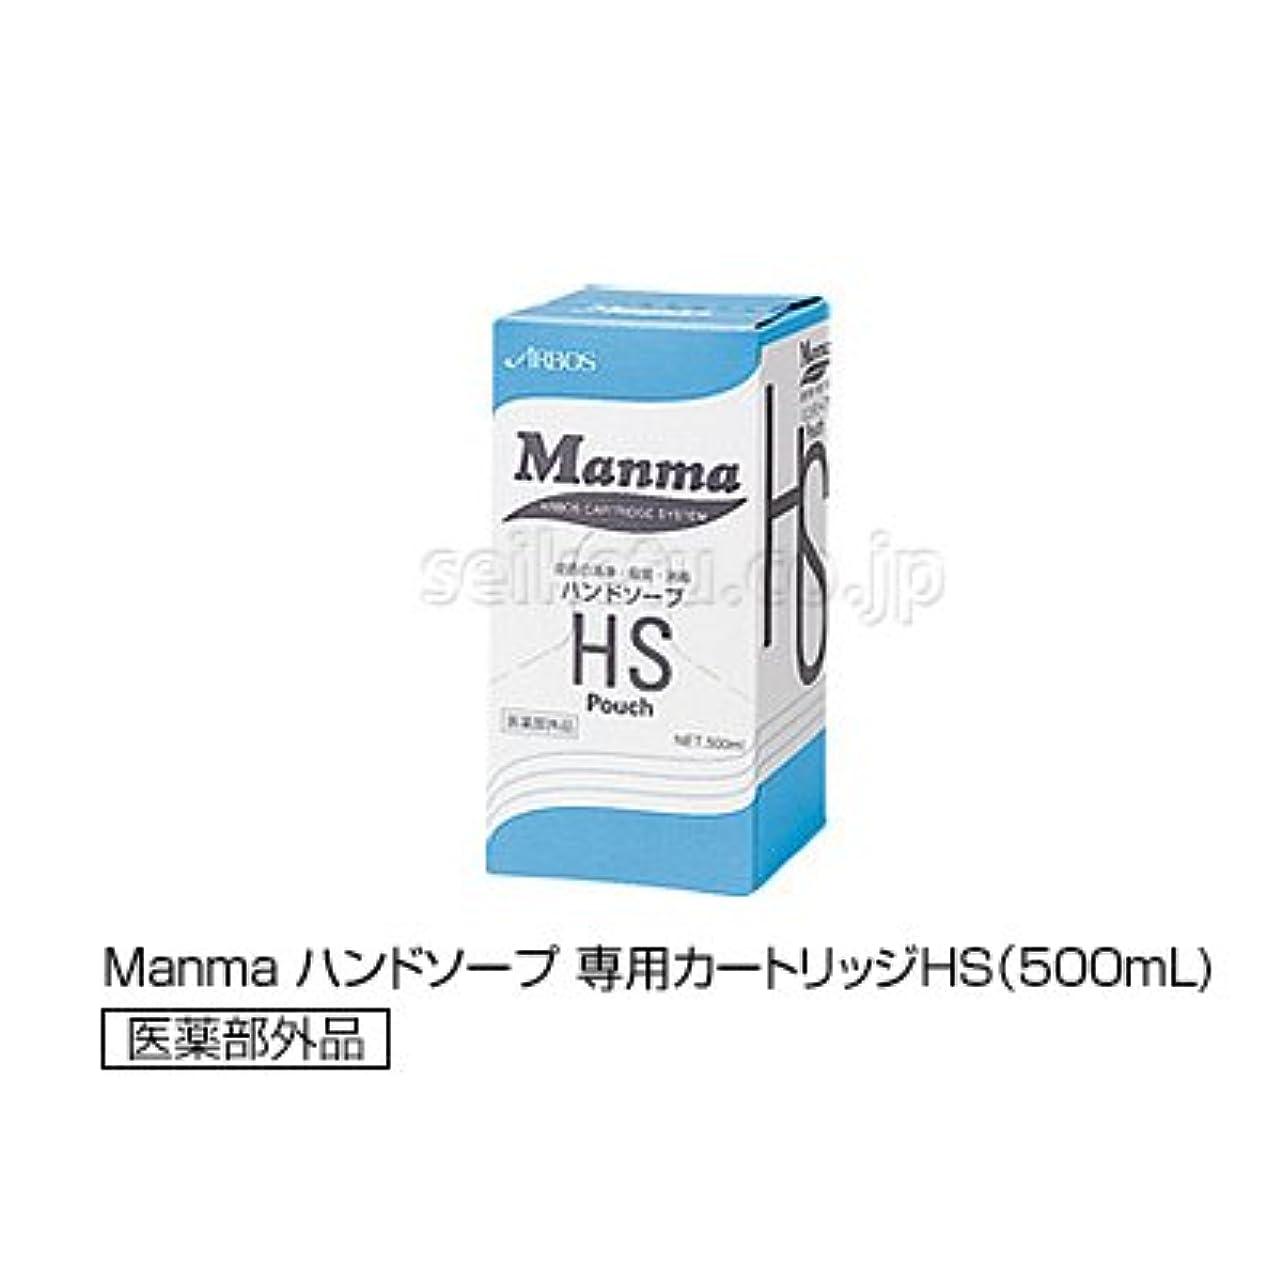 ラジカル実験的やむを得ないManma ハンドソープ 専用カートリッジ/専用カートリッジHS(500mL)【清潔キレイ館】